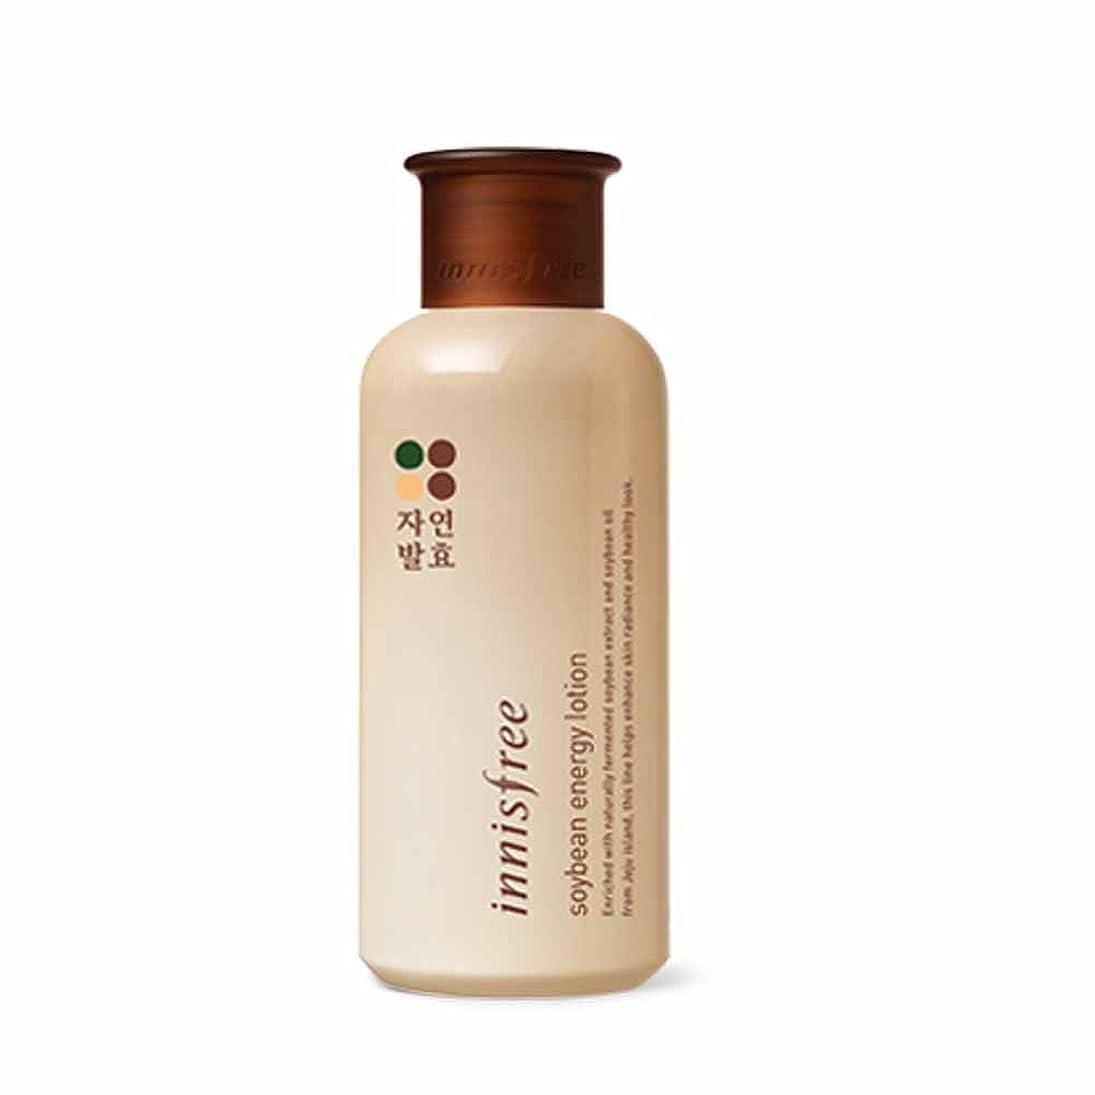 普及リーズつぶやきイニスフリーソイビーンエナジースキン(トナー)200ml / Innisfree Soybean Energy Skin(Toner) 200ml[海外直送品][並行輸入品]